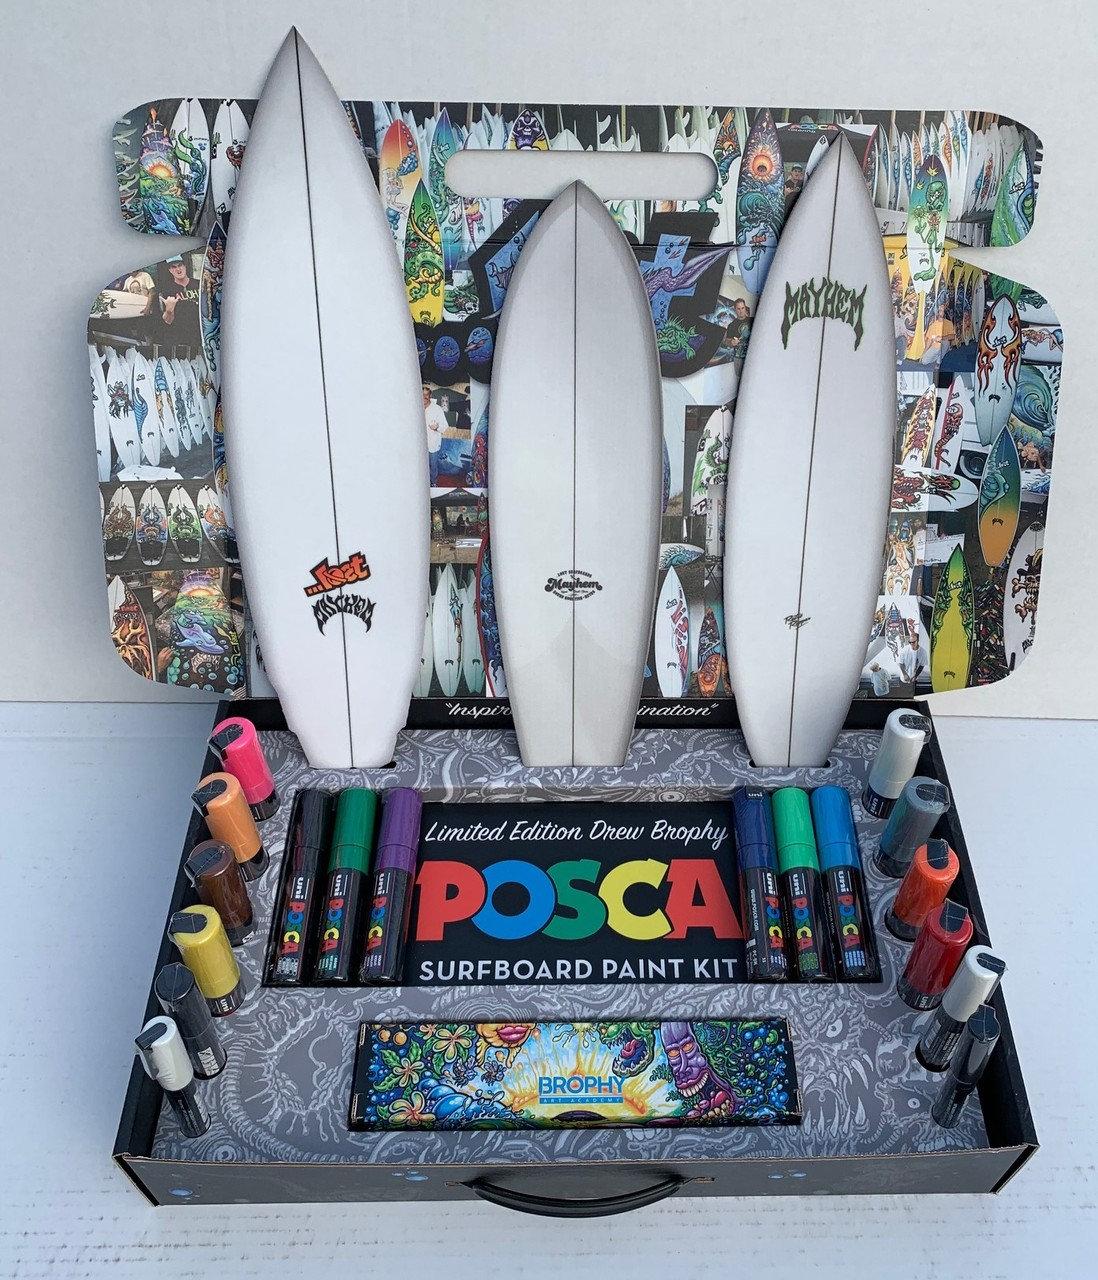 Mini Surfboard Posca Sunset painting